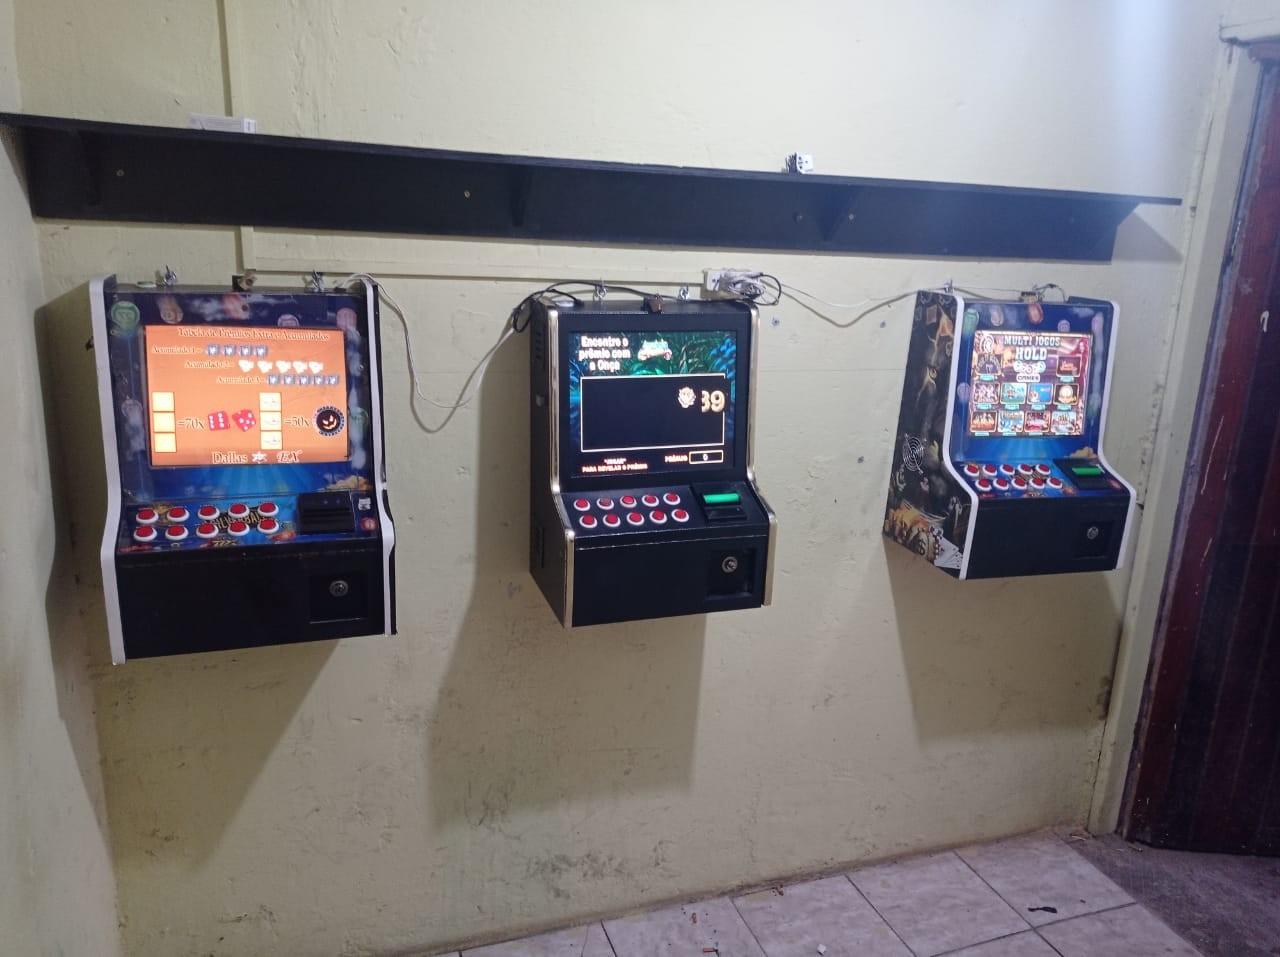 Polícia encontra máquinas caça-níqueis em bar de Sorocaba